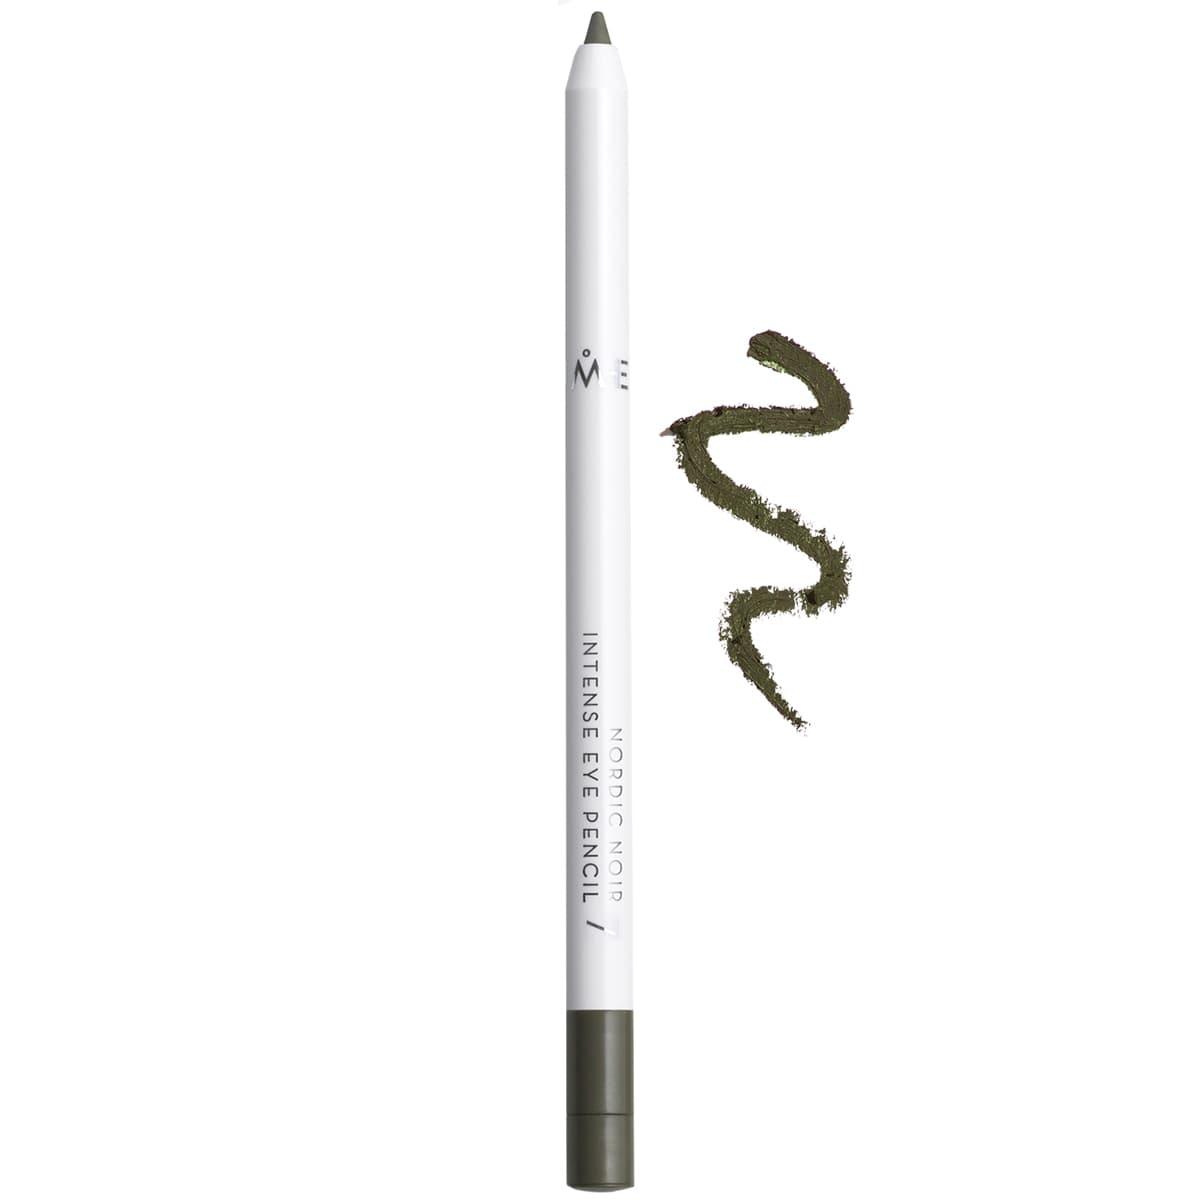 Nordic Noir Карандаш Для Век ИнтенсивныйКарандаши<br>Nordic Noir Intense Eye Pencil - это улучшенный вариант карандаша-каяла  Мягкая  кремообразная формула легко скользит по поверхности века и легко растушевывается  С помощью данного карандаша можно создать потрясающий рок-стиль  Содержание минерального пигмента делает цвет карандаша глубоким  и стойким на протяжении всего дня  Карандаш можно применять как самостоятельно  так и в качестве дополнения к теням для получения эффекта смоки-айз<br>Type: № 7 Green;